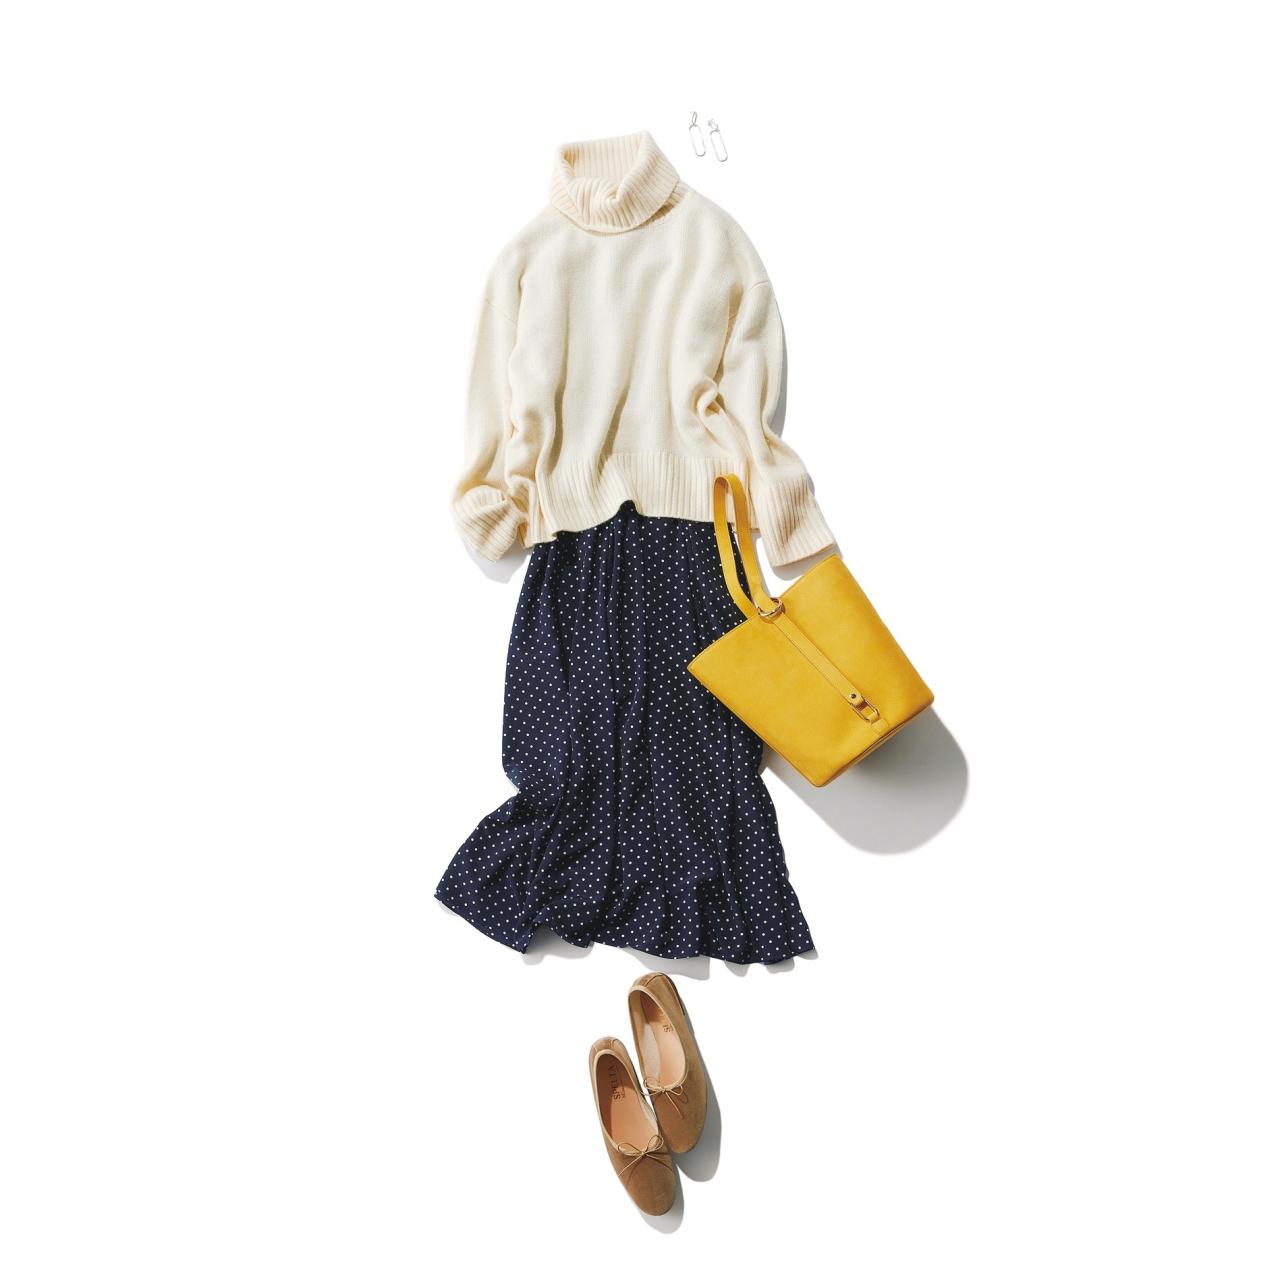 白タートルニット×ワンピースのファッションコーデ